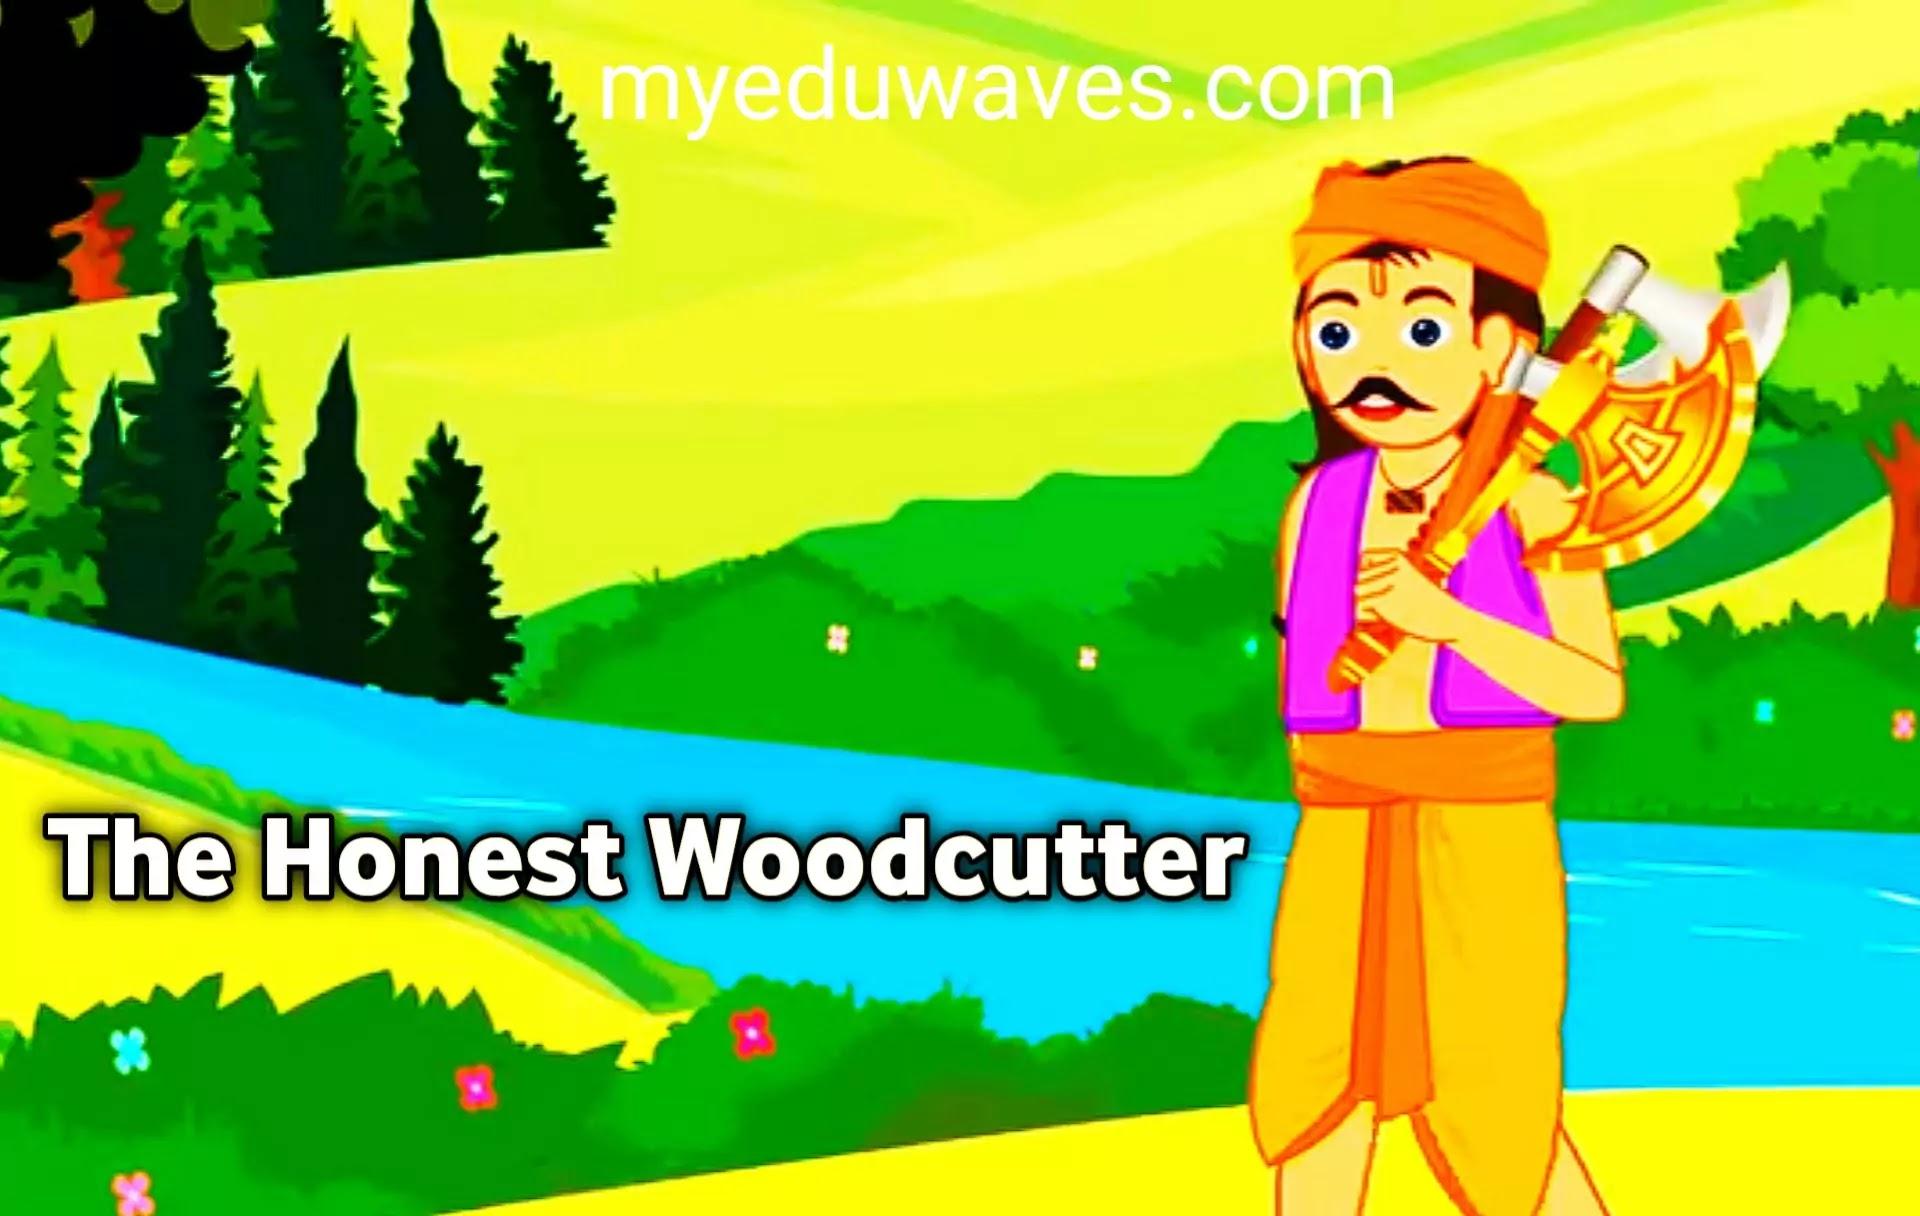 ईमानदार लकड़हारा की कहानी | The Honest Woodcutter Story In Hindi